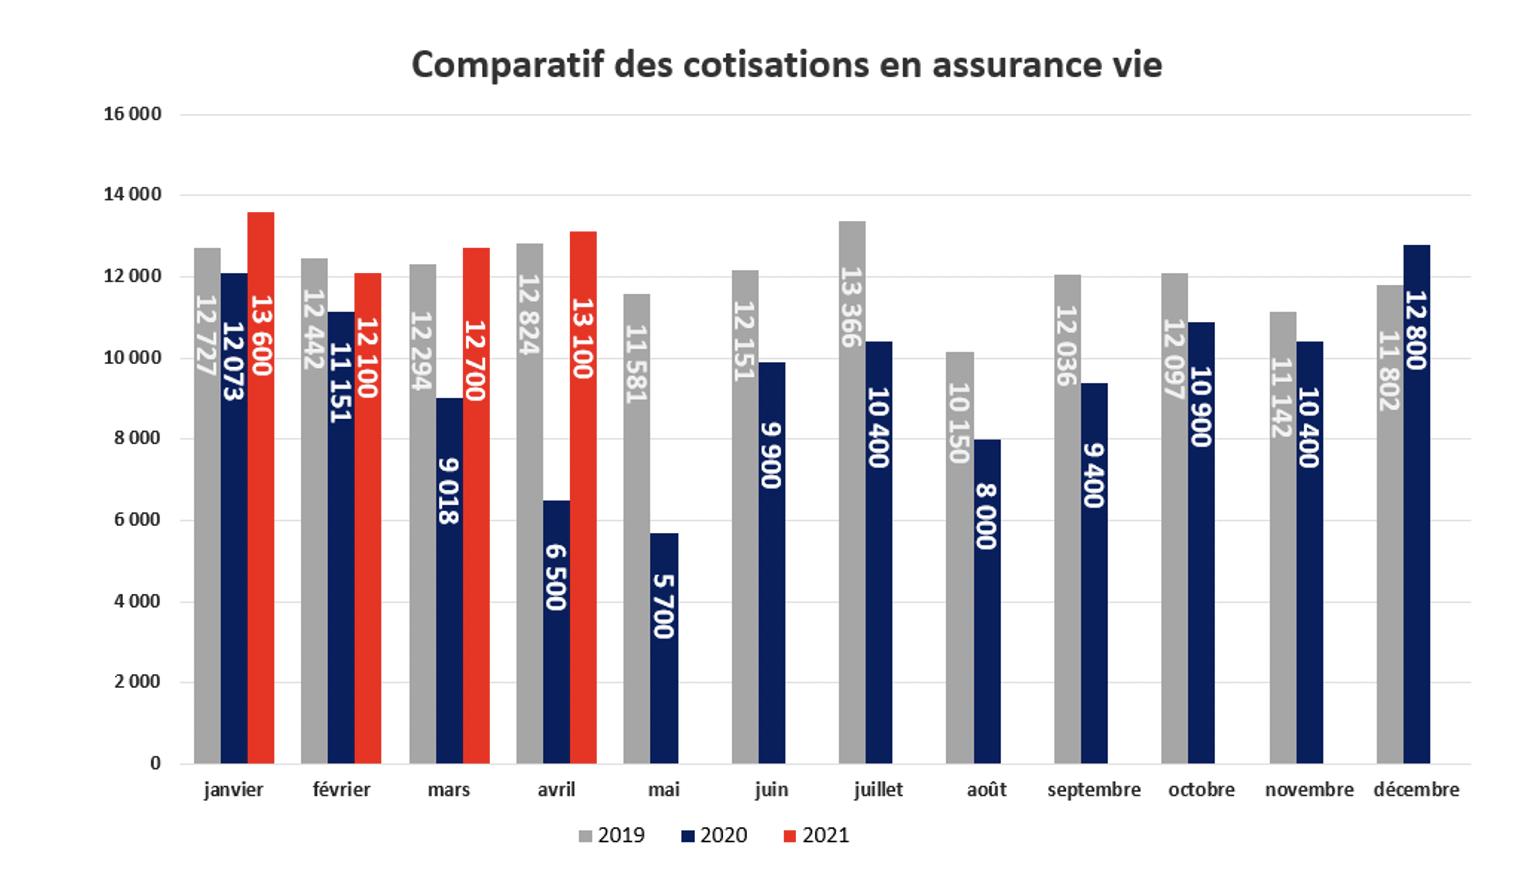 Baromètre assurance vie - Comparatif des cotisations en assurance vie